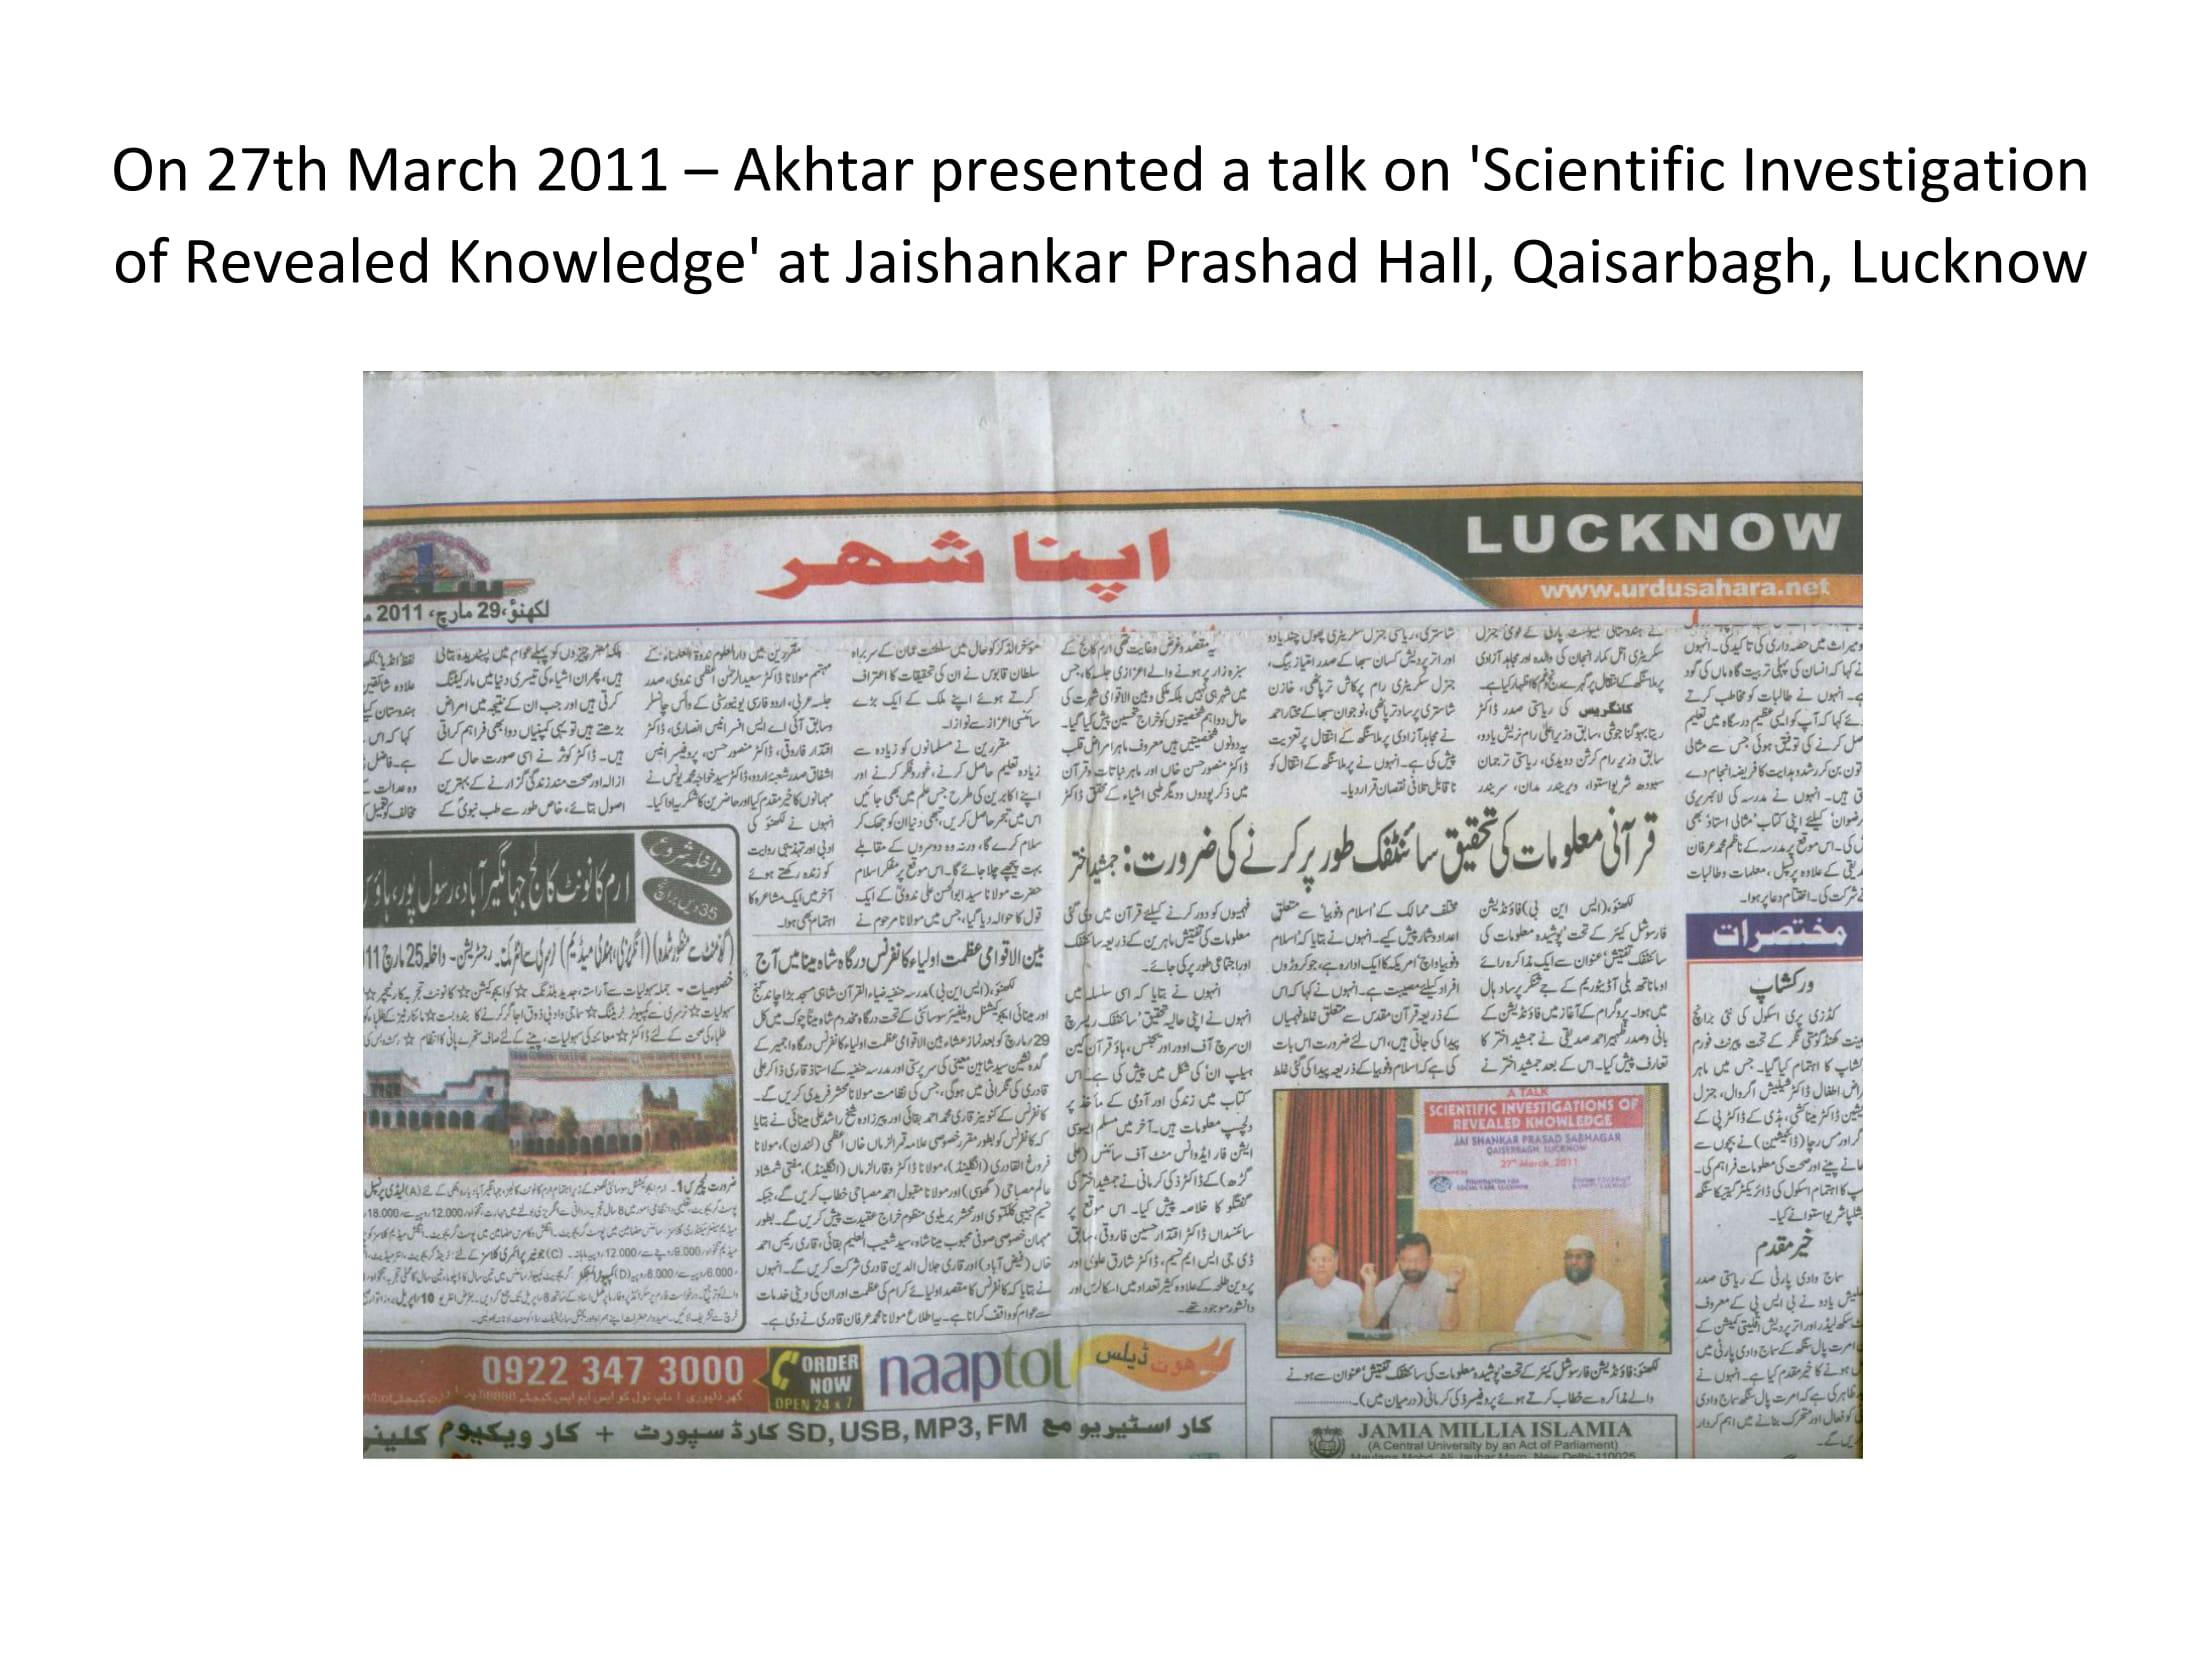 Lucknow talk